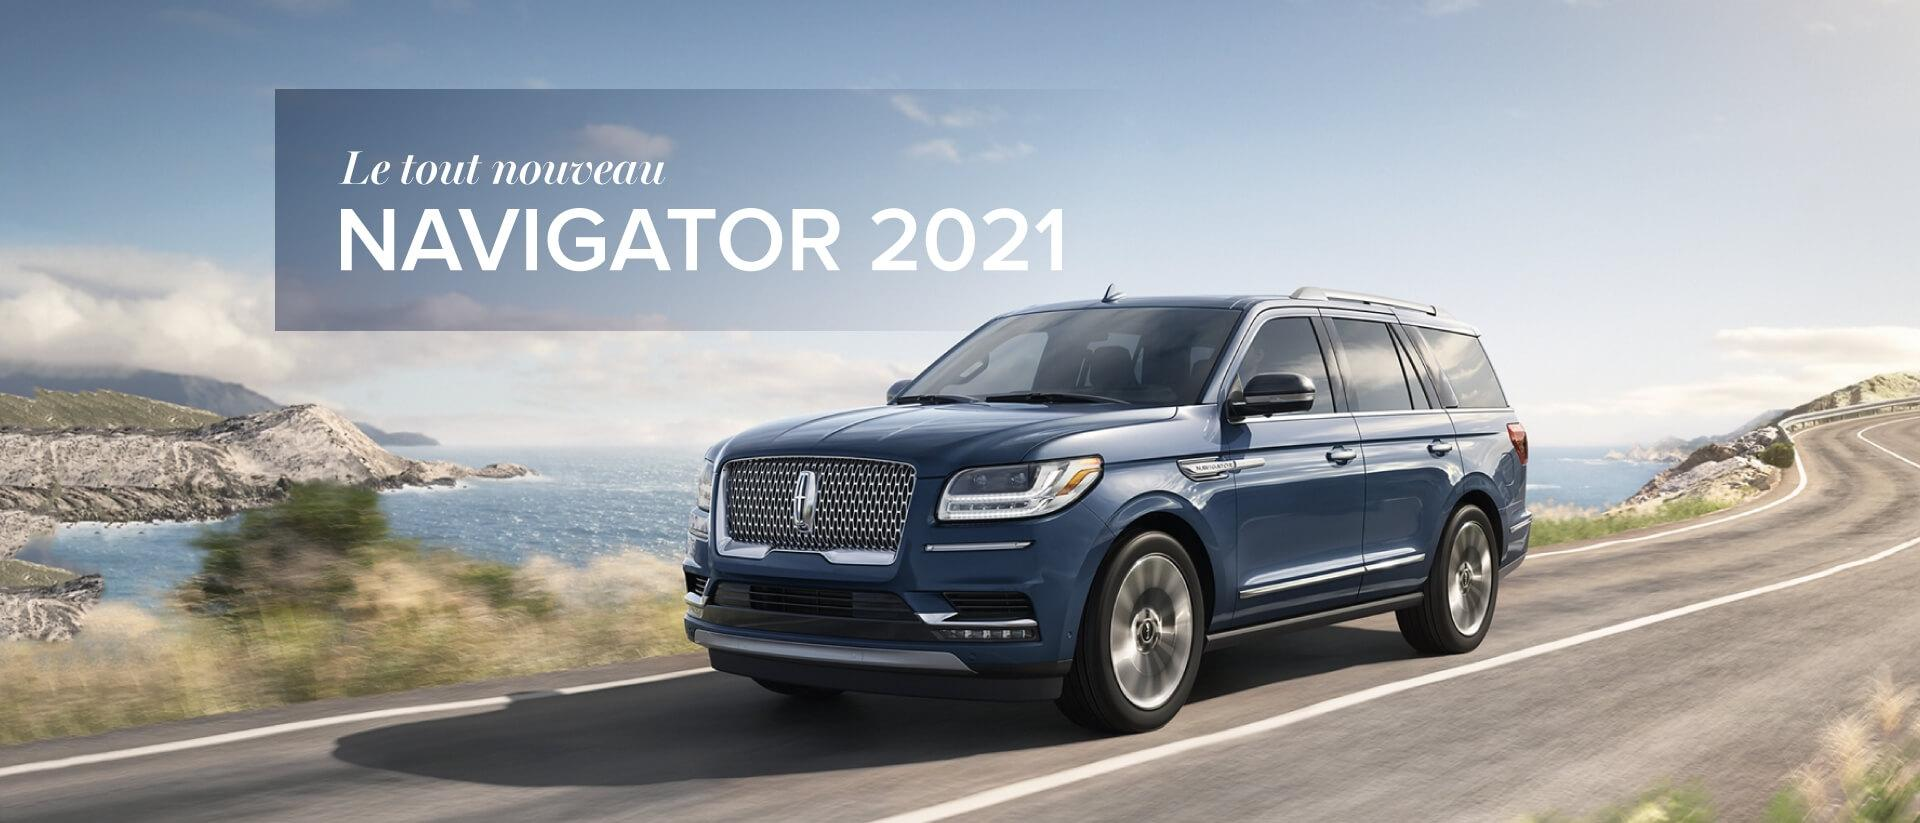 Navigator 2021